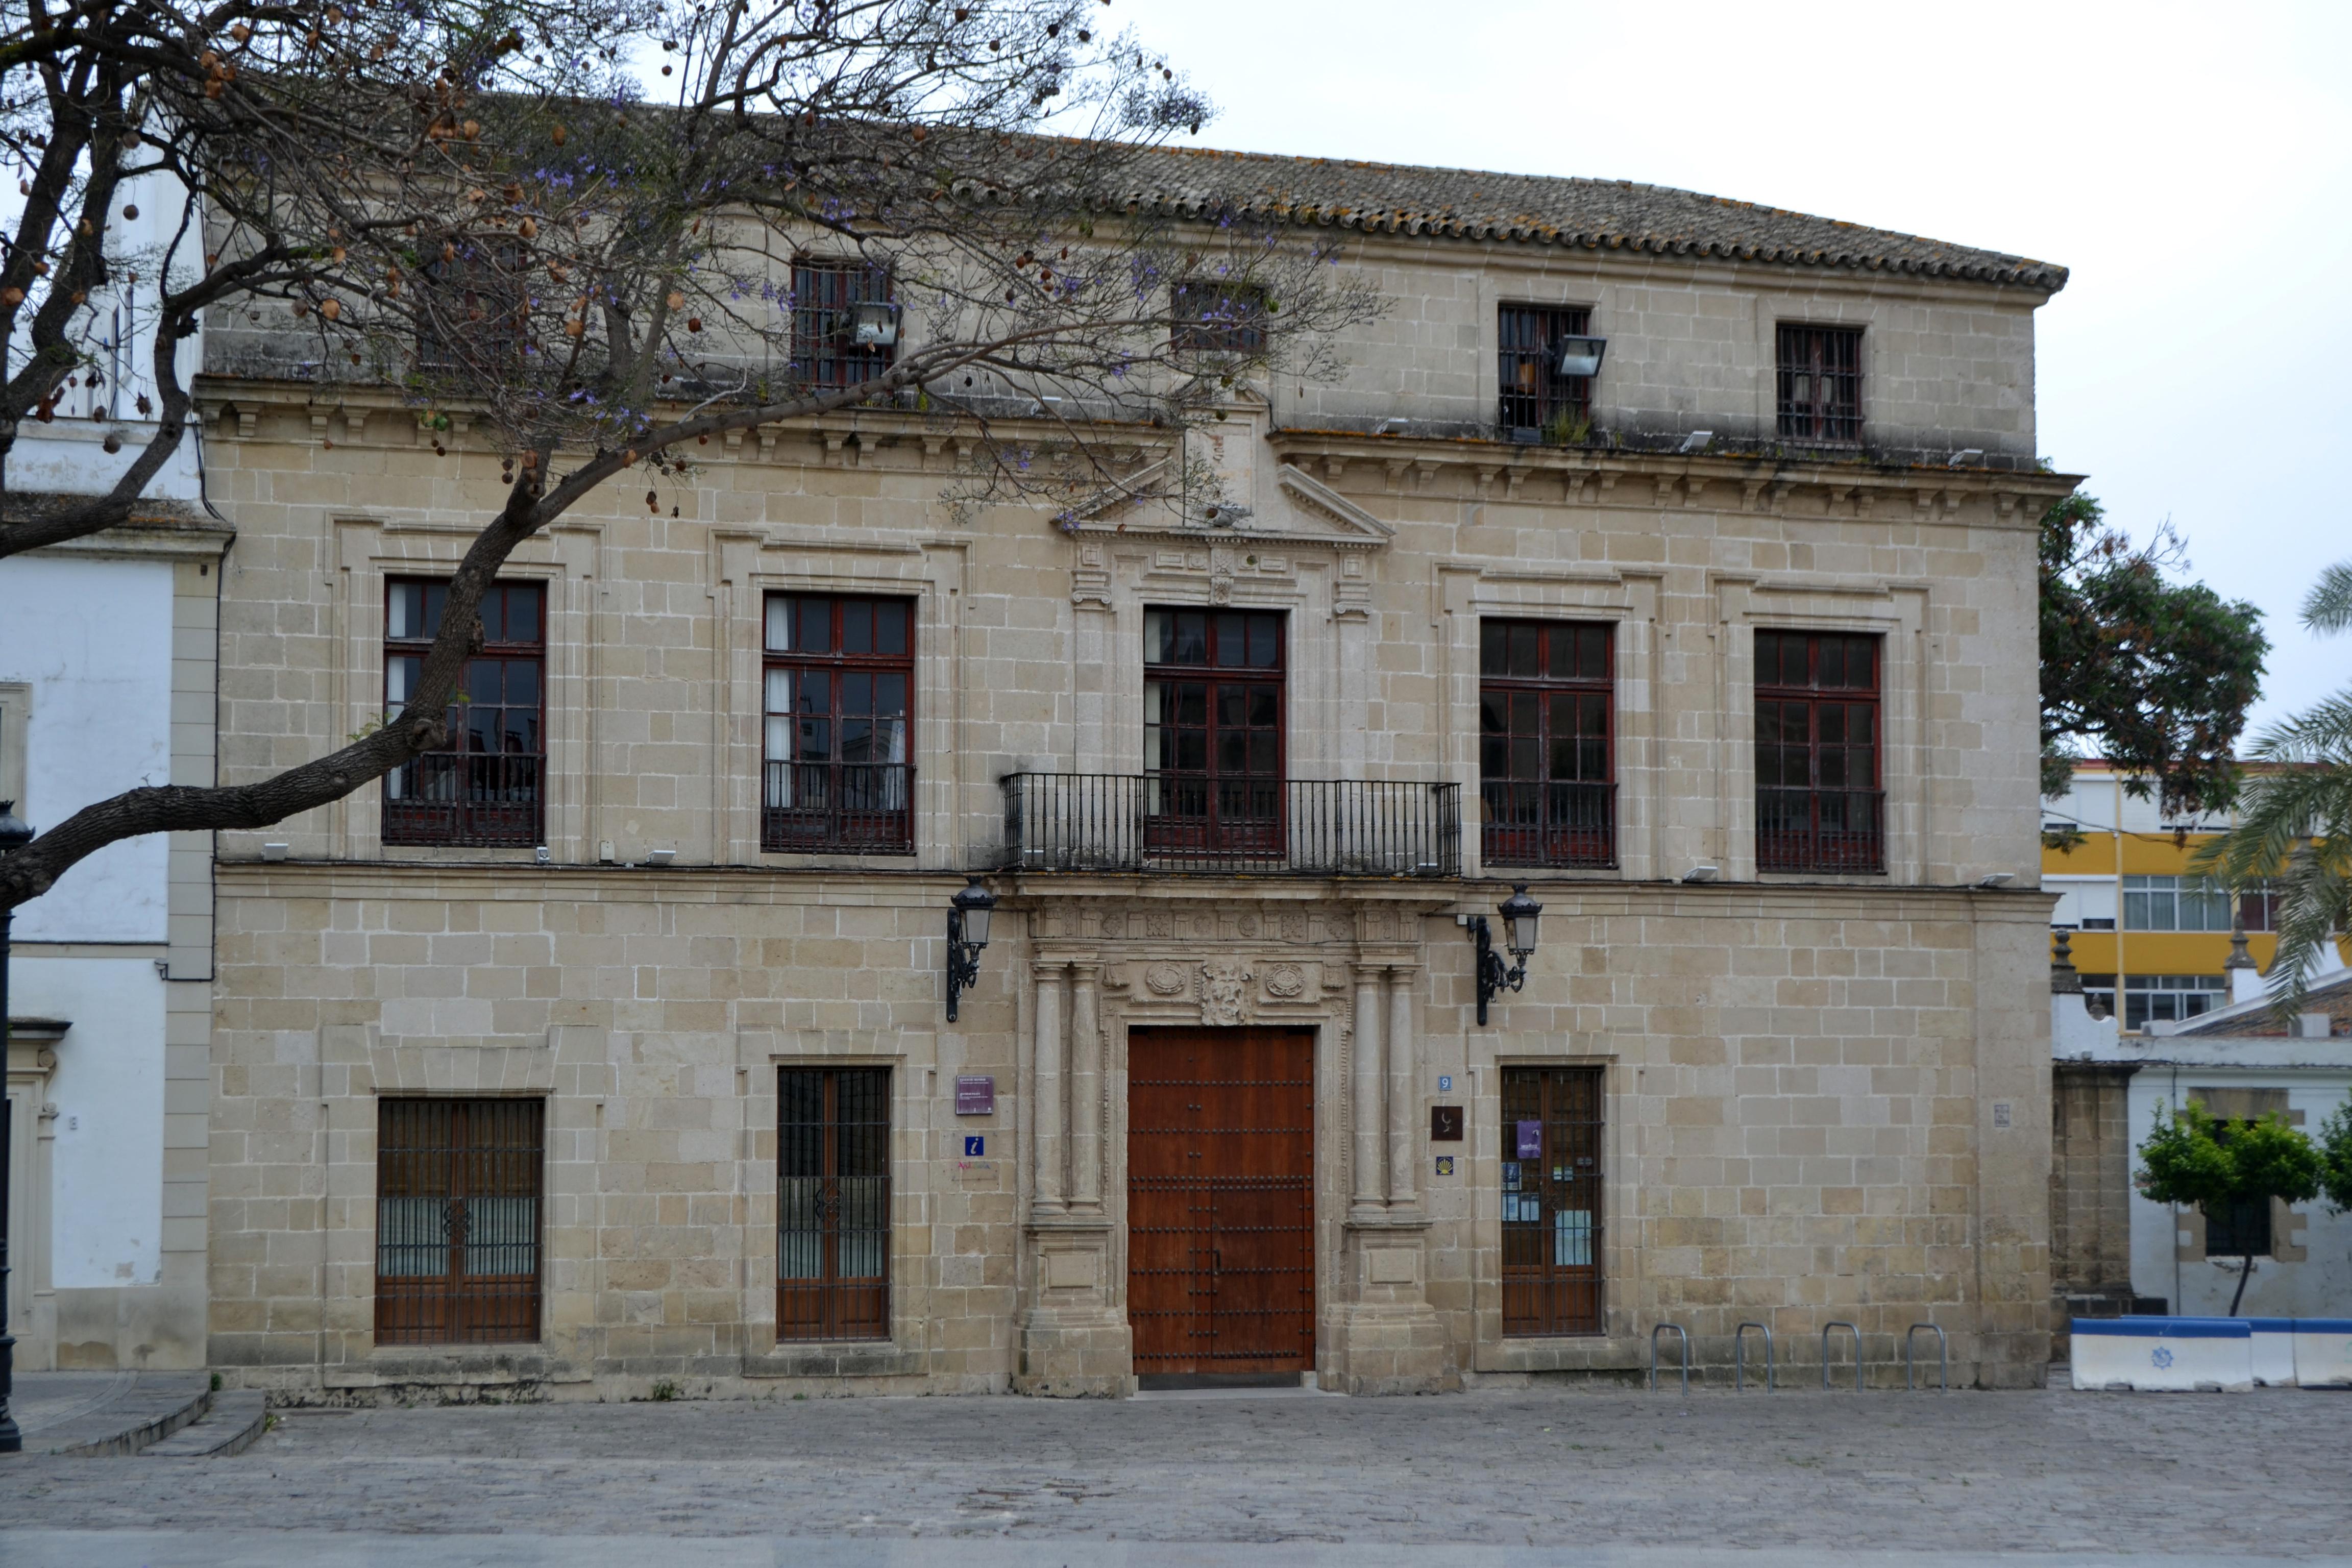 El Puerto de Santa María - город ста дворцов и тысячи вкусов